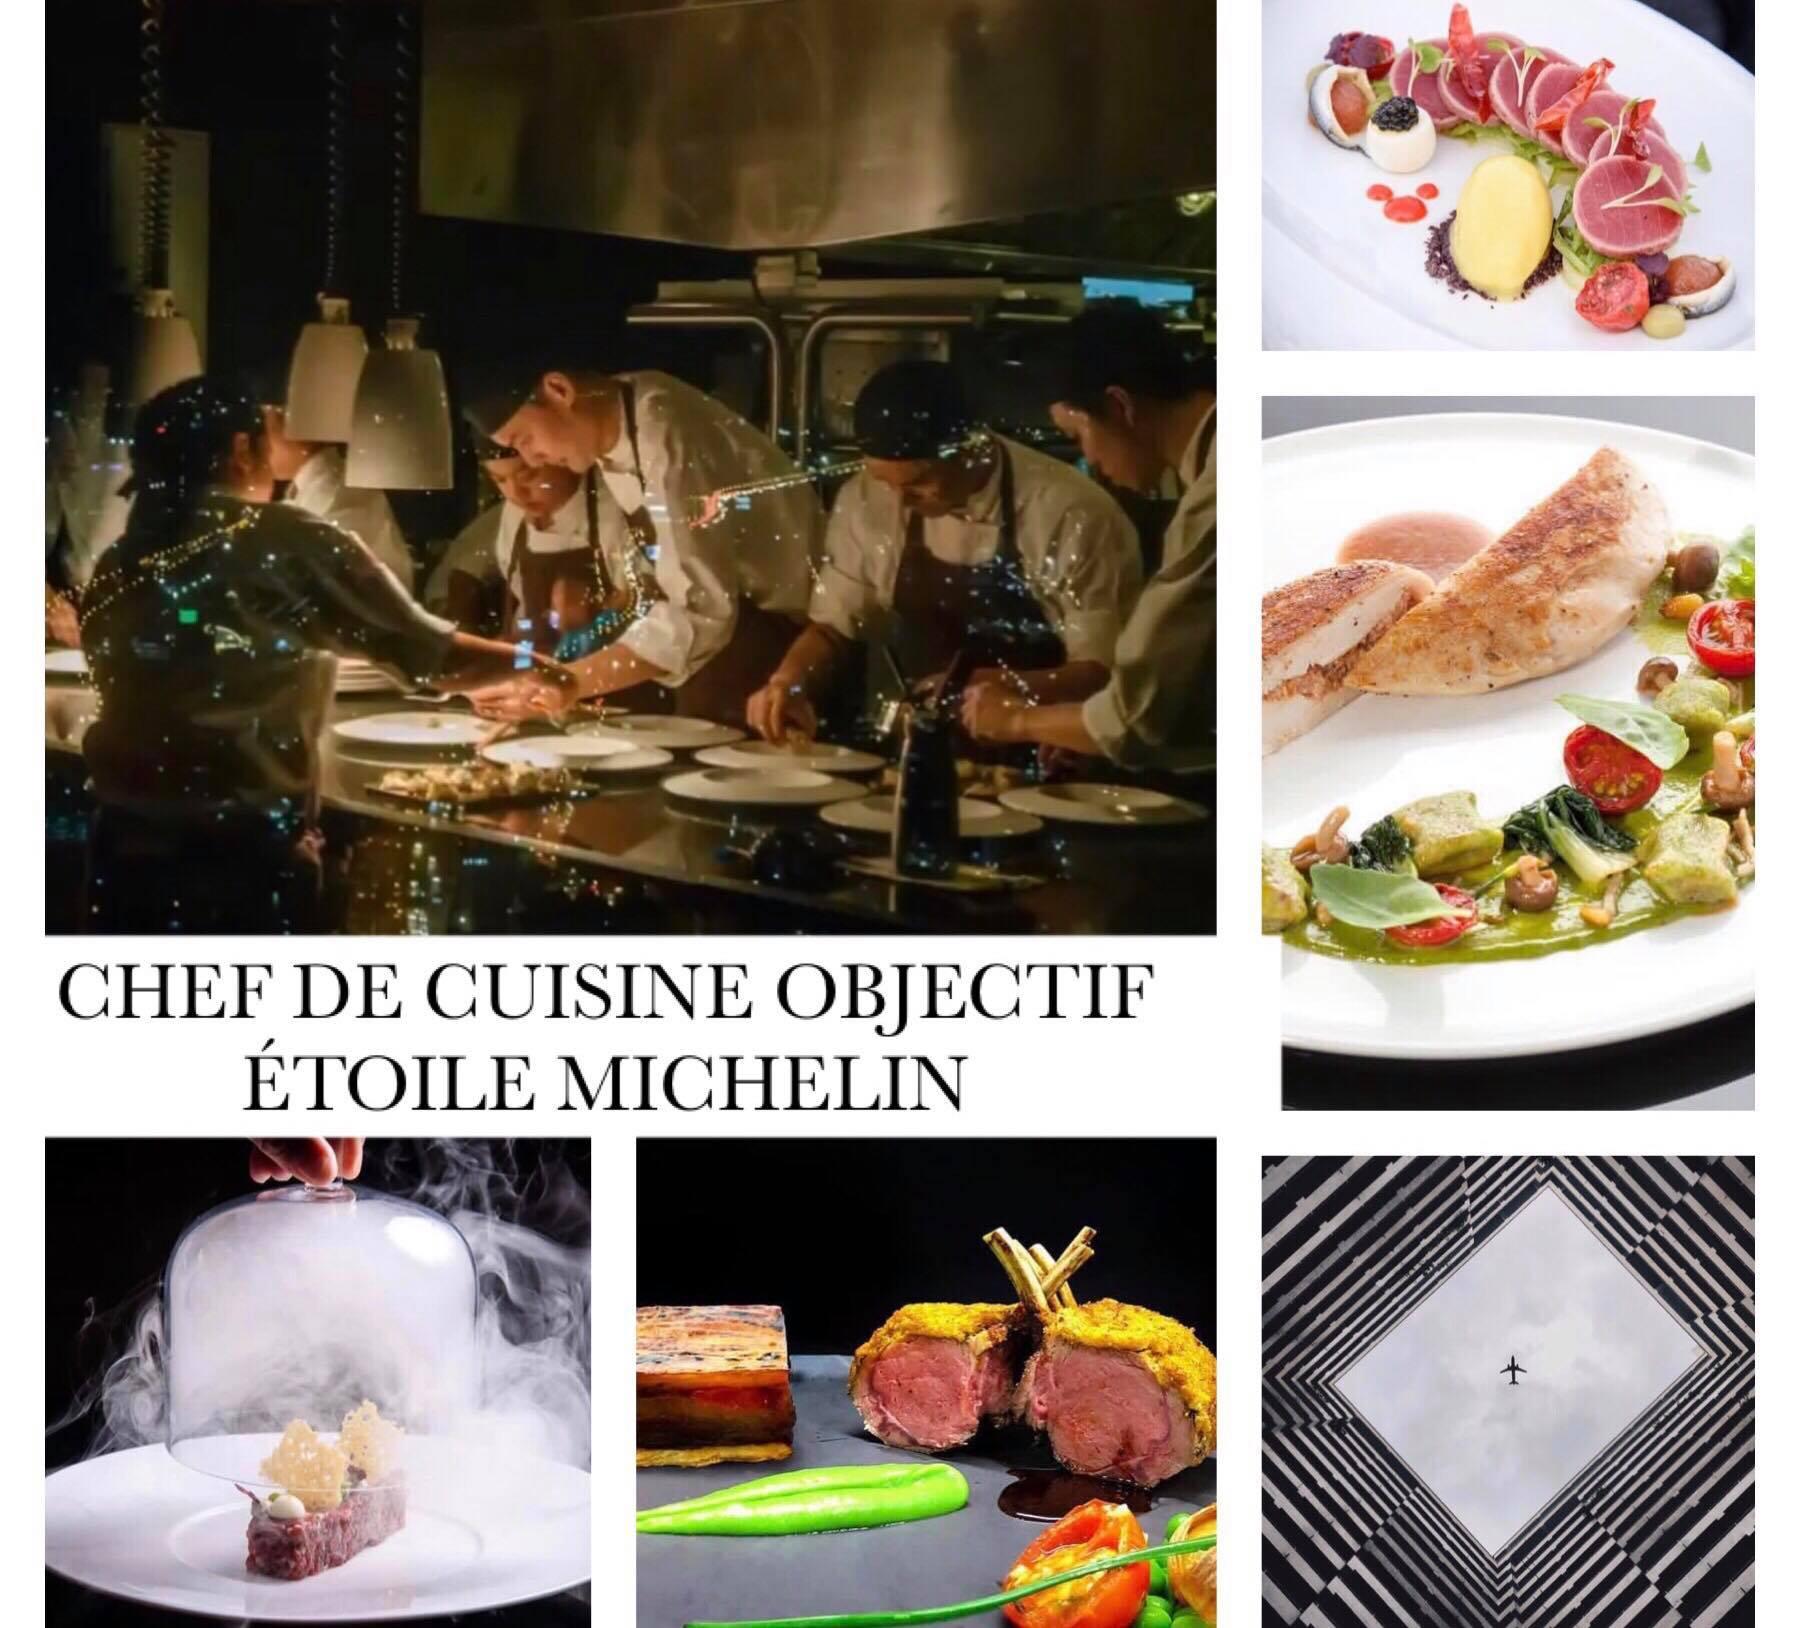 Chef de cuisine rhea recrutement - Cabinet de recrutement hotellerie international ...